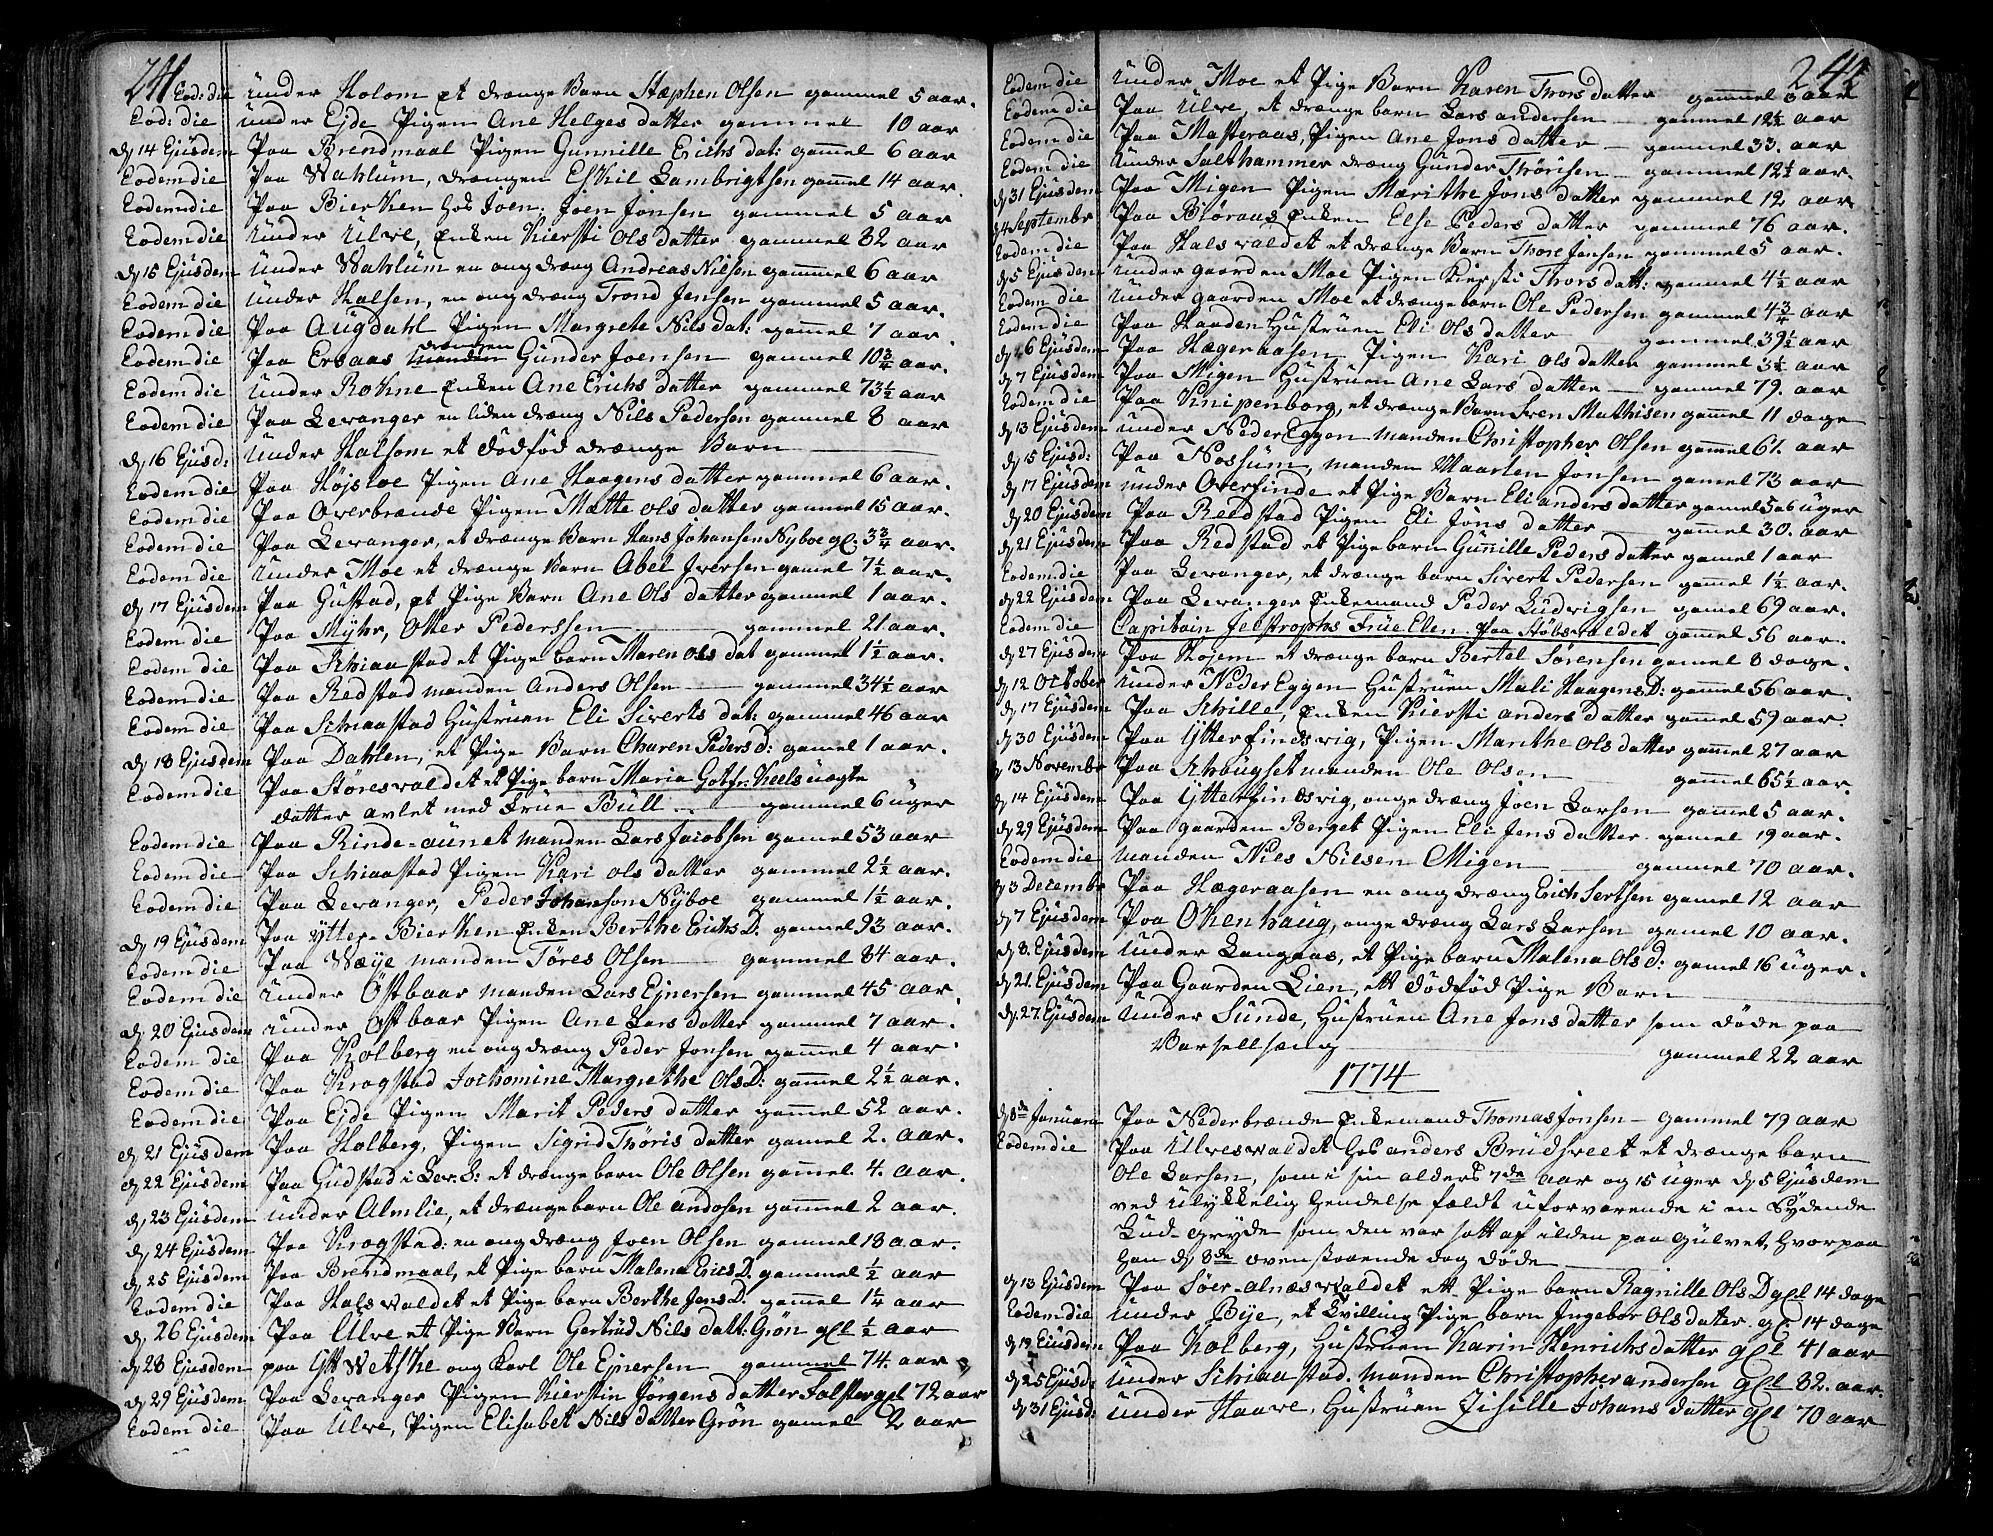 SAT, Ministerialprotokoller, klokkerbøker og fødselsregistre - Nord-Trøndelag, 717/L0141: Ministerialbok nr. 717A01, 1747-1803, s. 241-242